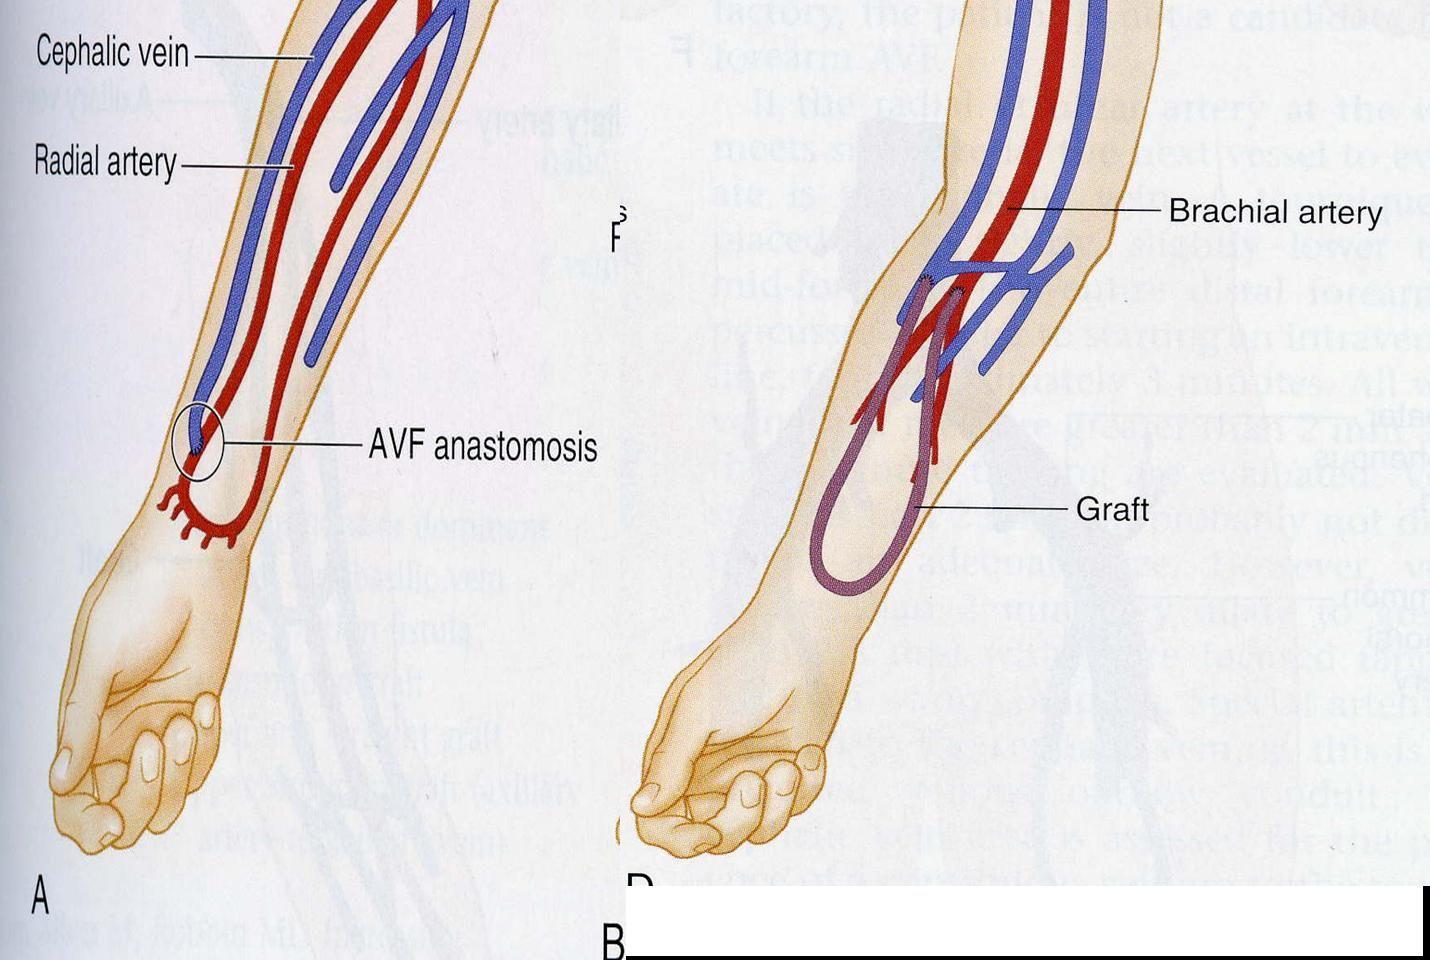 Comparison Of Dialysis Accesses Av Fistula Vs Av Graft Nursing